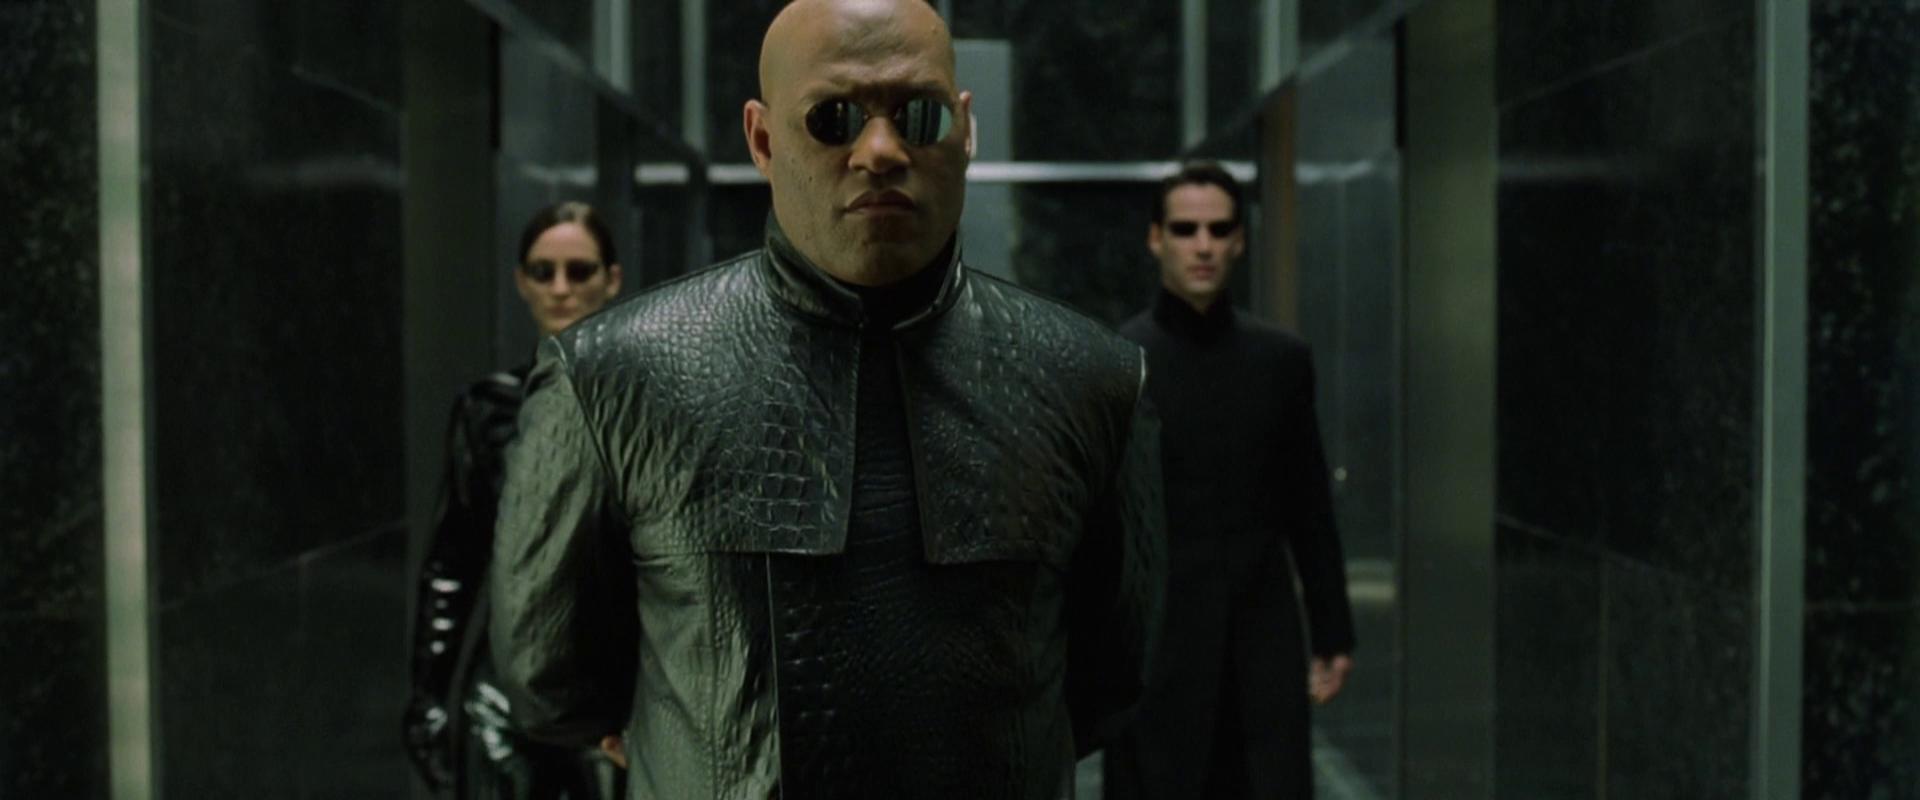 The Matrix Reloaded 2003 Imdb 542791 Libertar Info -> Pelismegahd